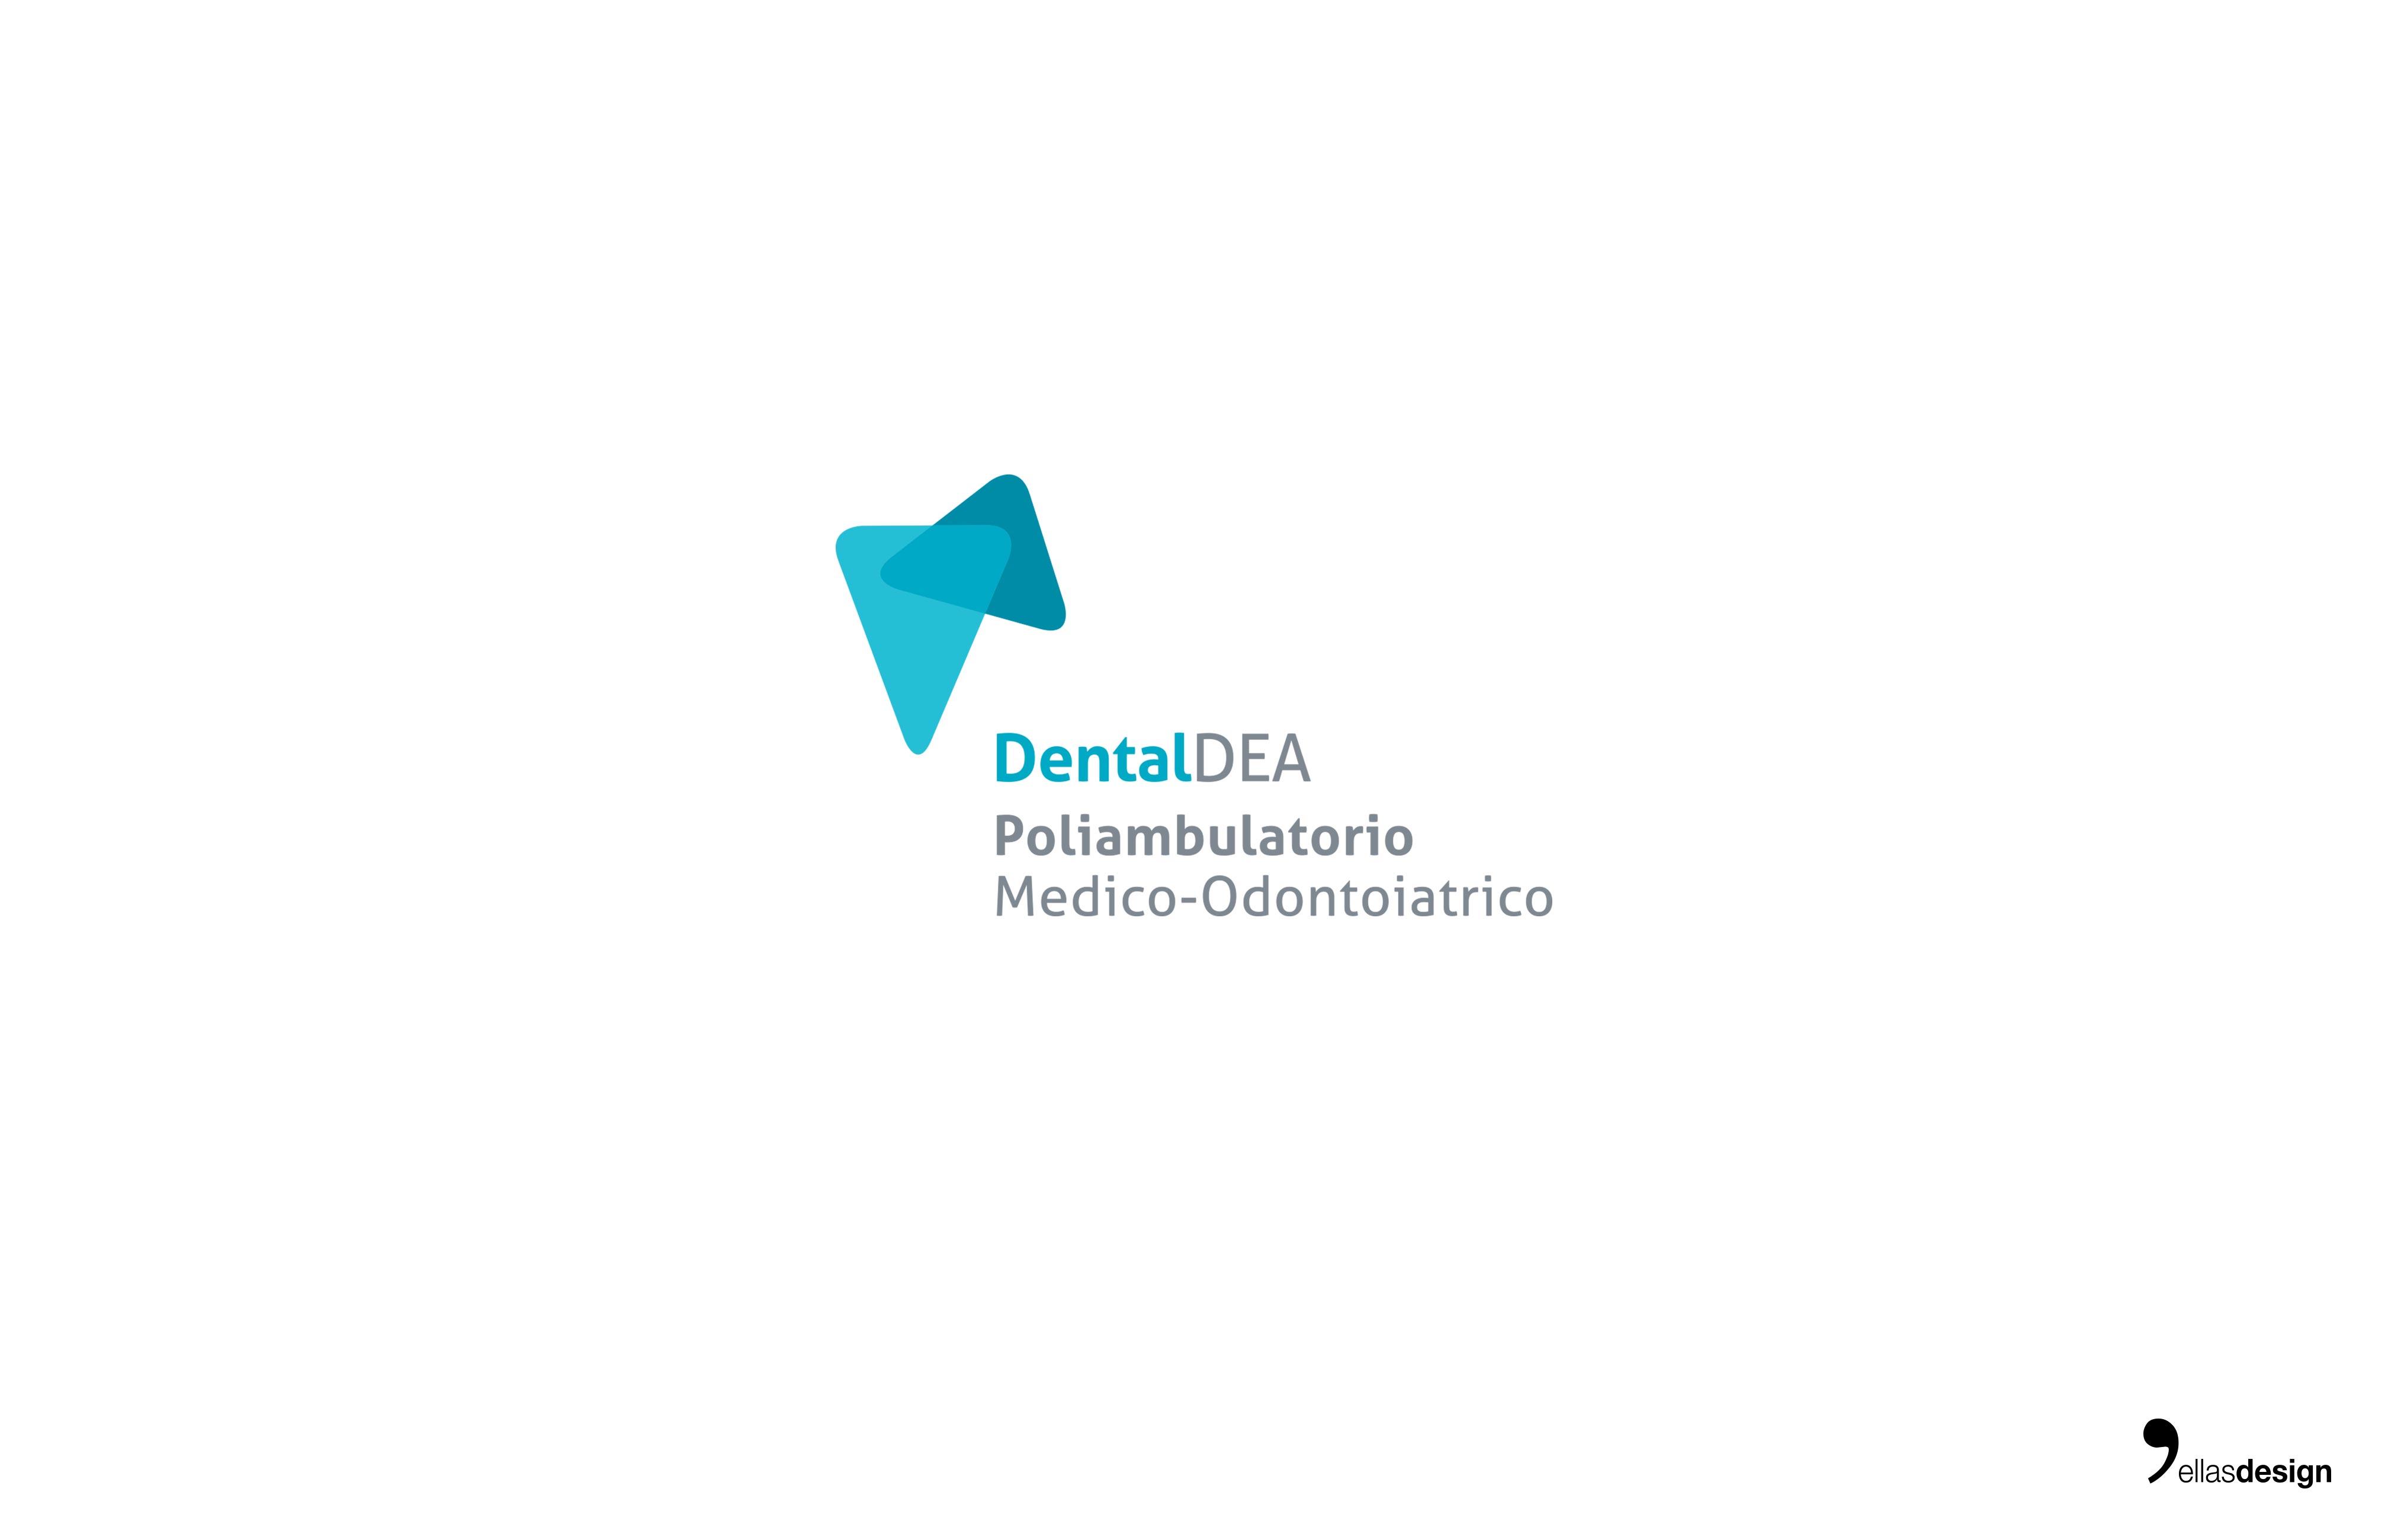 DentalDEA